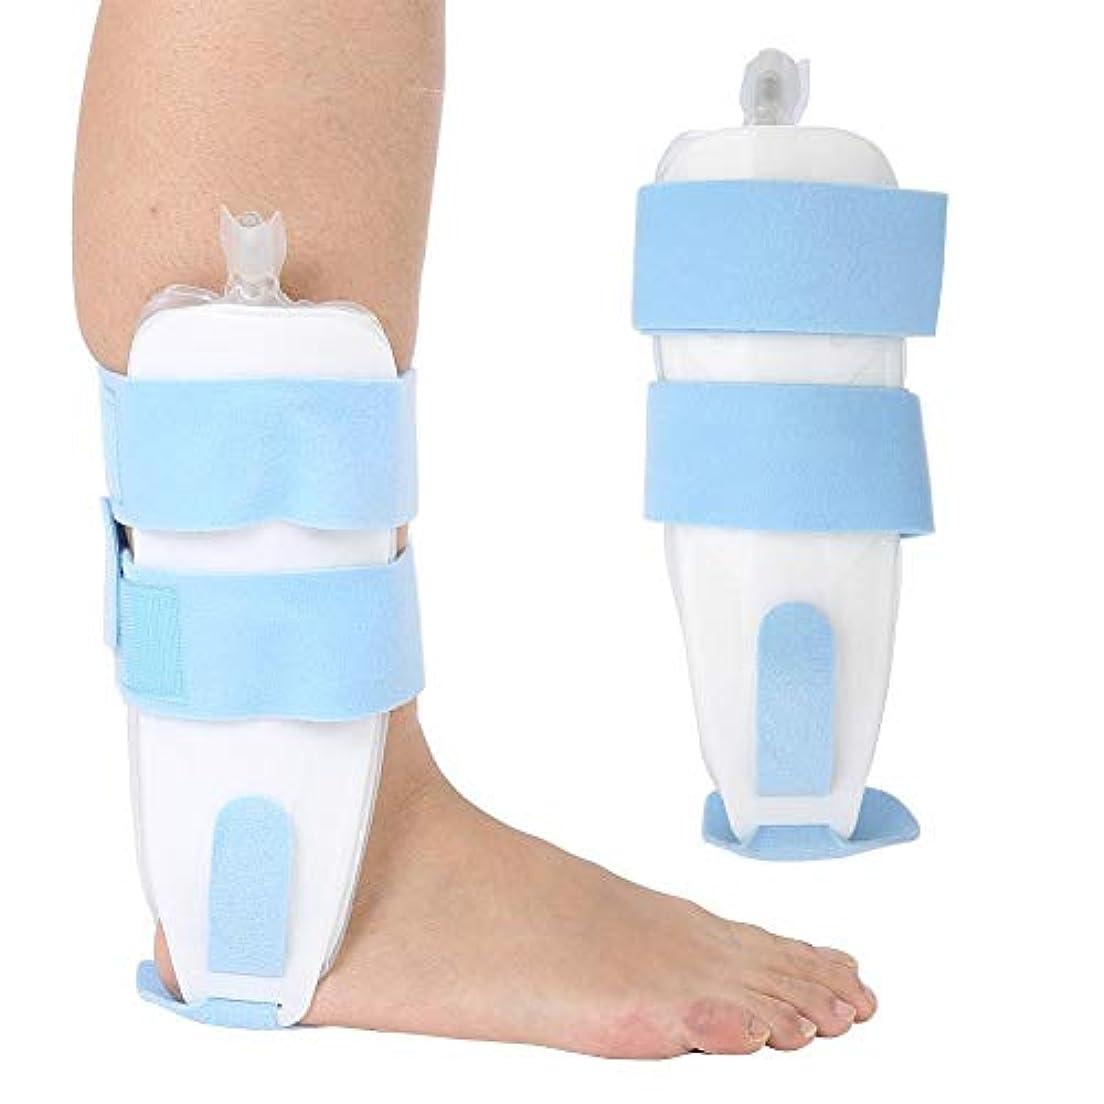 用心深い生態学カプラー調節可能な足首サポートエアブレースインフレータブルスプリント捻挫スタビライザーガードストラップ